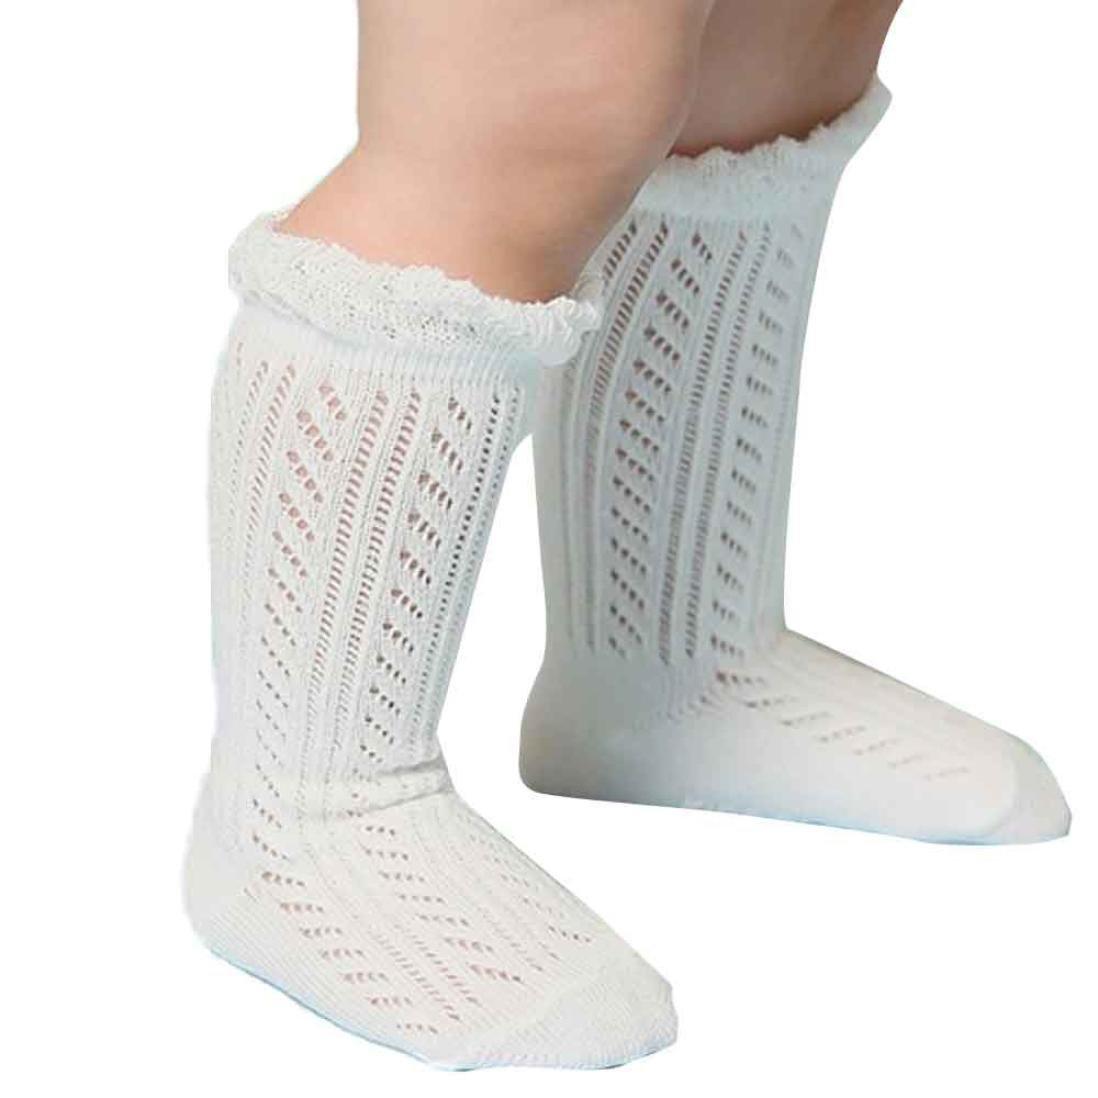 Culater® Neonata di lavoro a maglia Collant a rete in cotone sveglio Calze Culater118